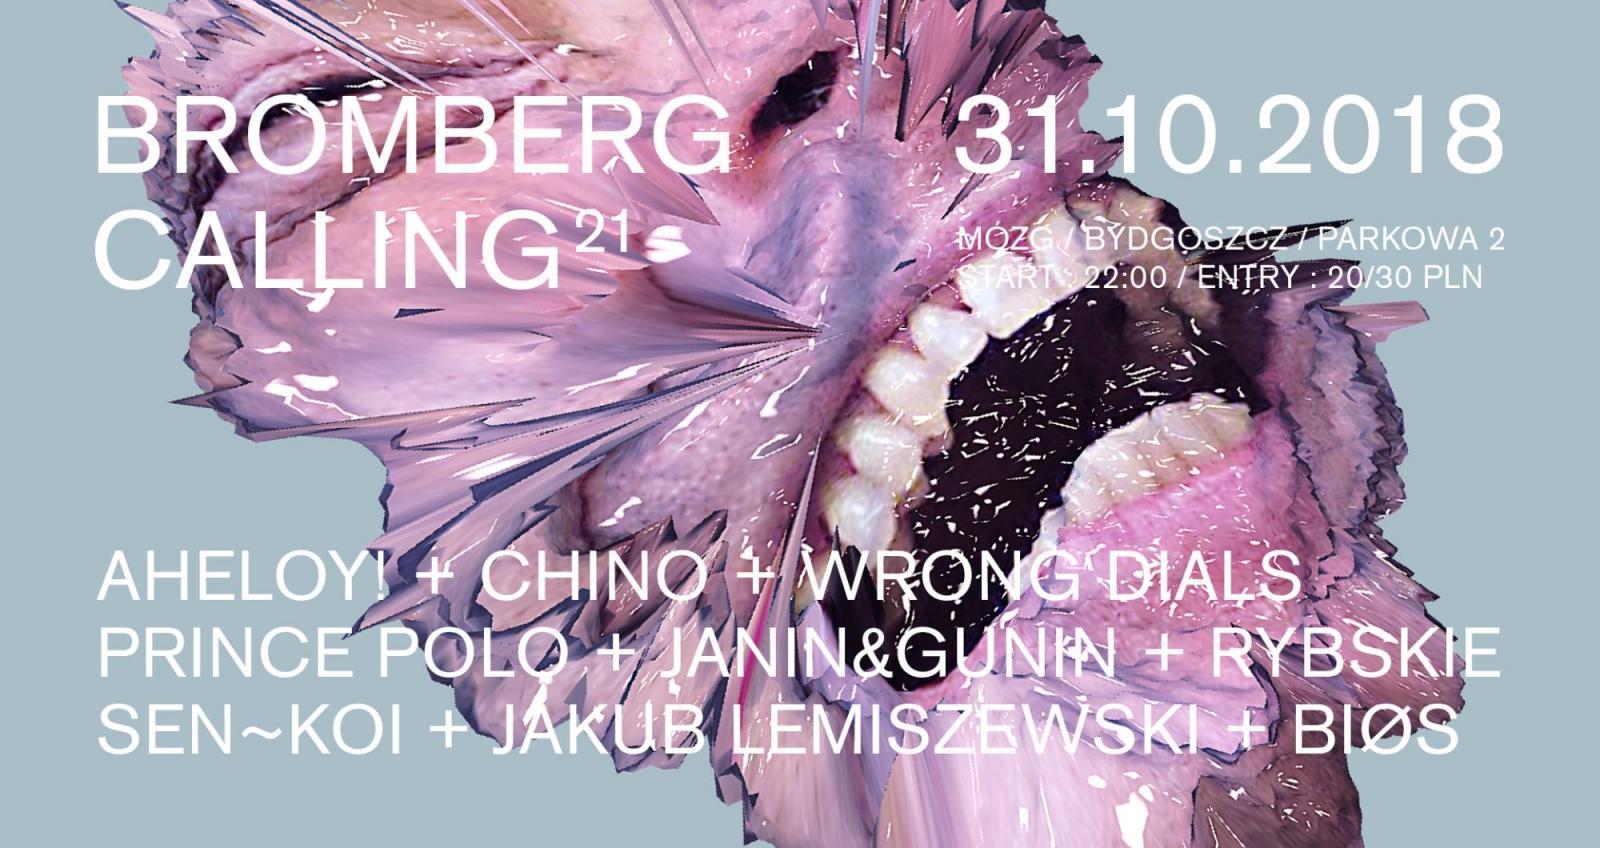 Bromberg Calling No. 21